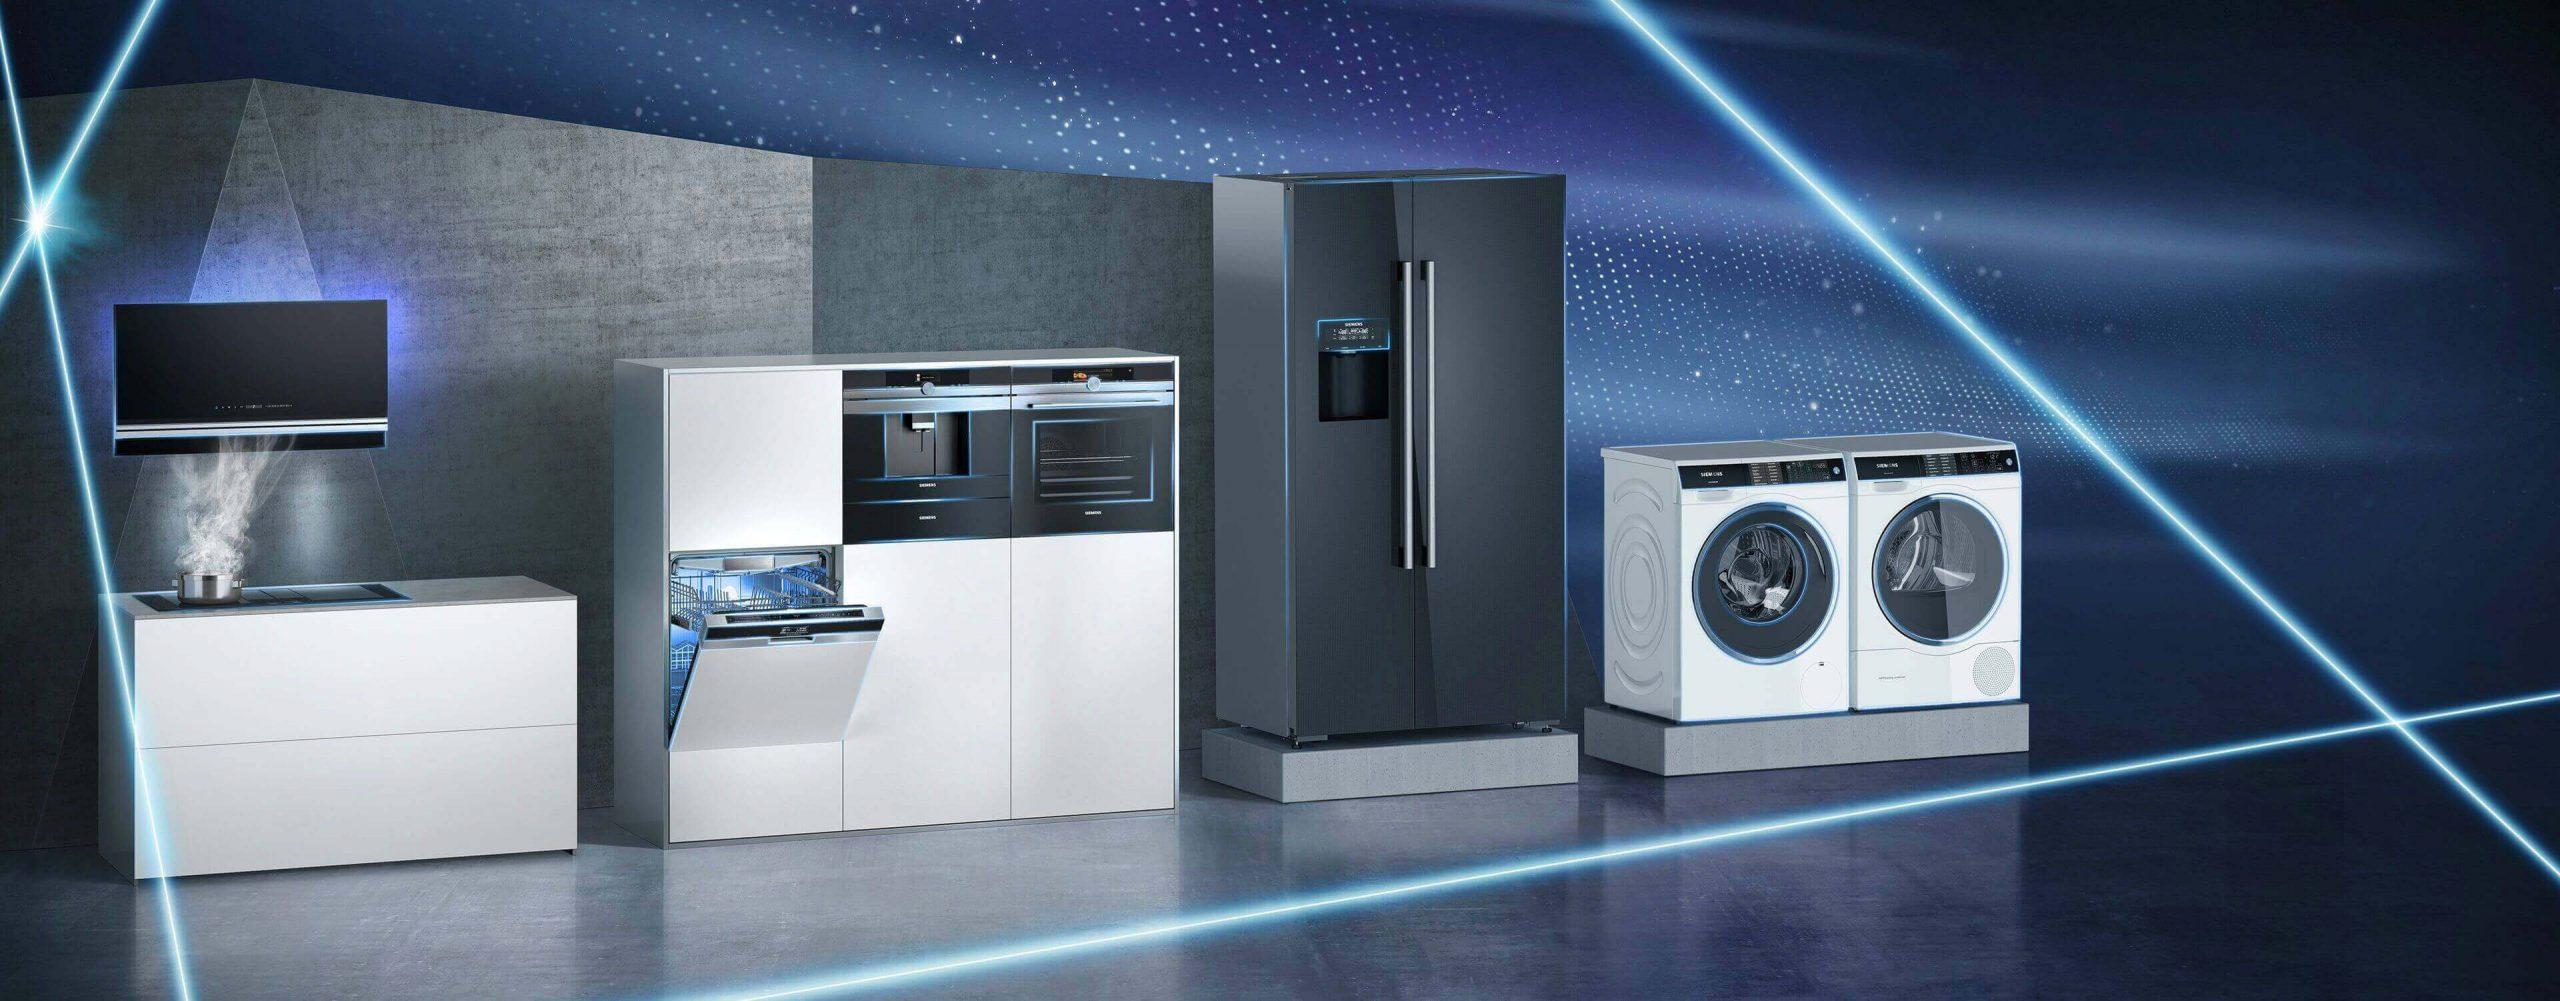 Siemens_Inspire_design_poprad_Homeconnect